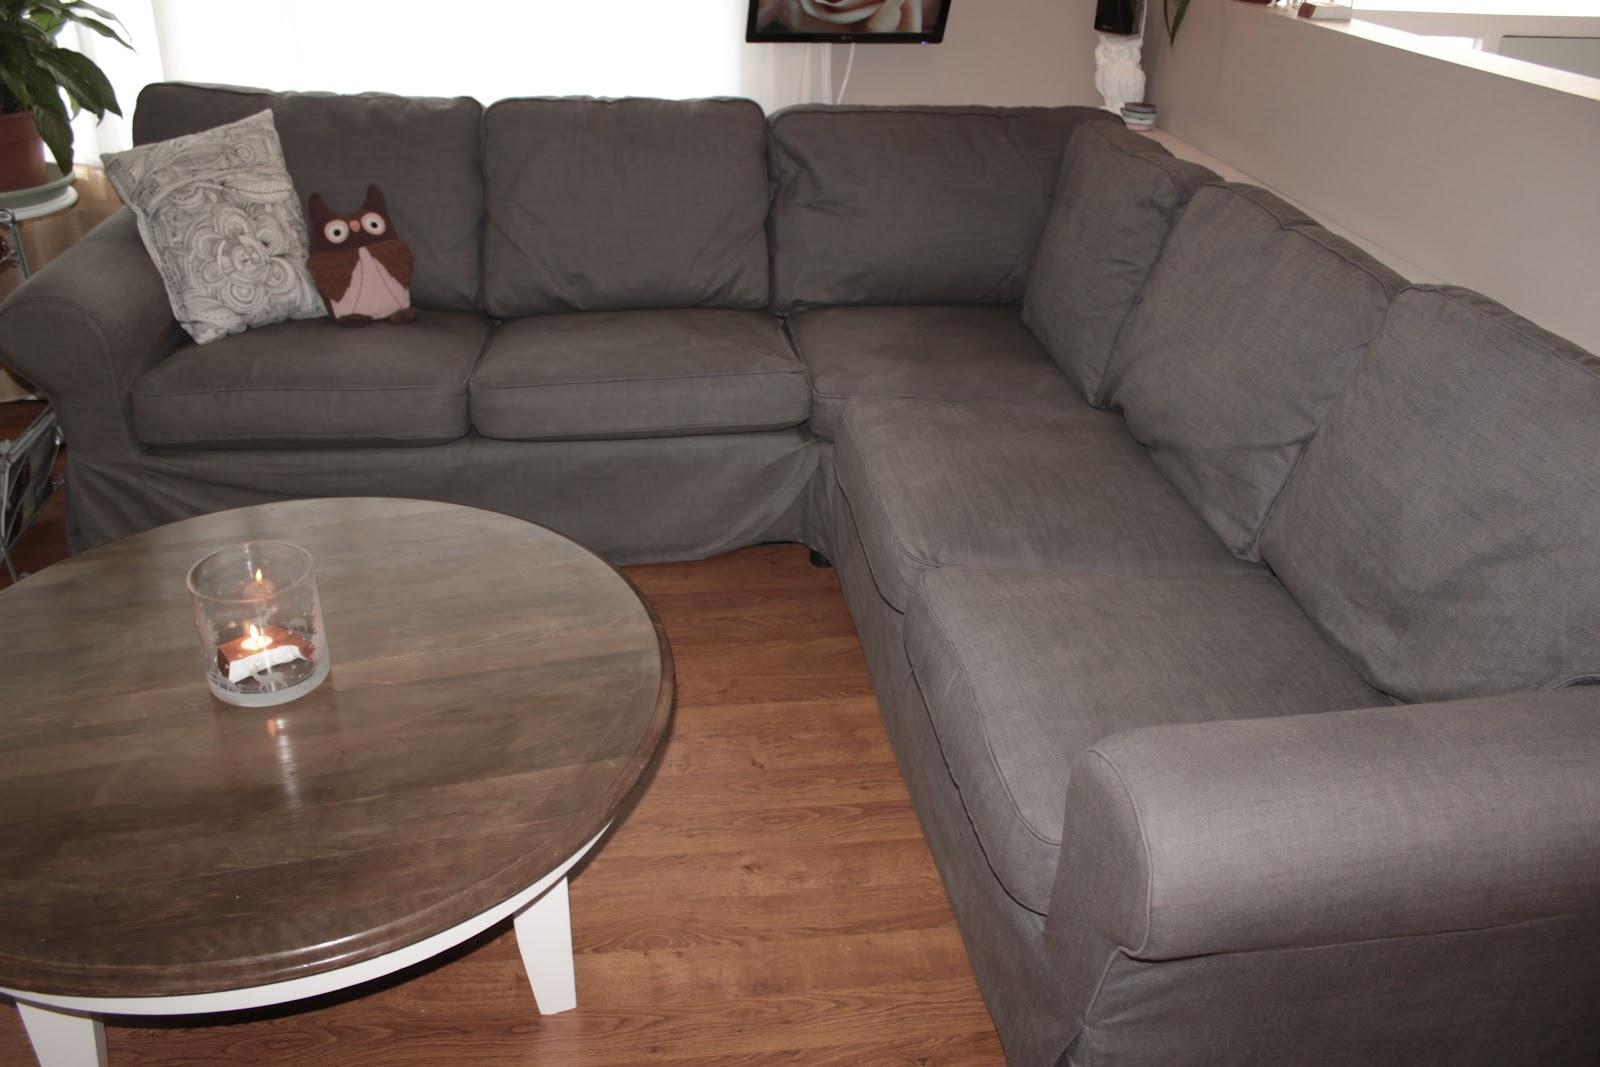 big comfy sofa 200 big comfy sofa for sale in frisco classified